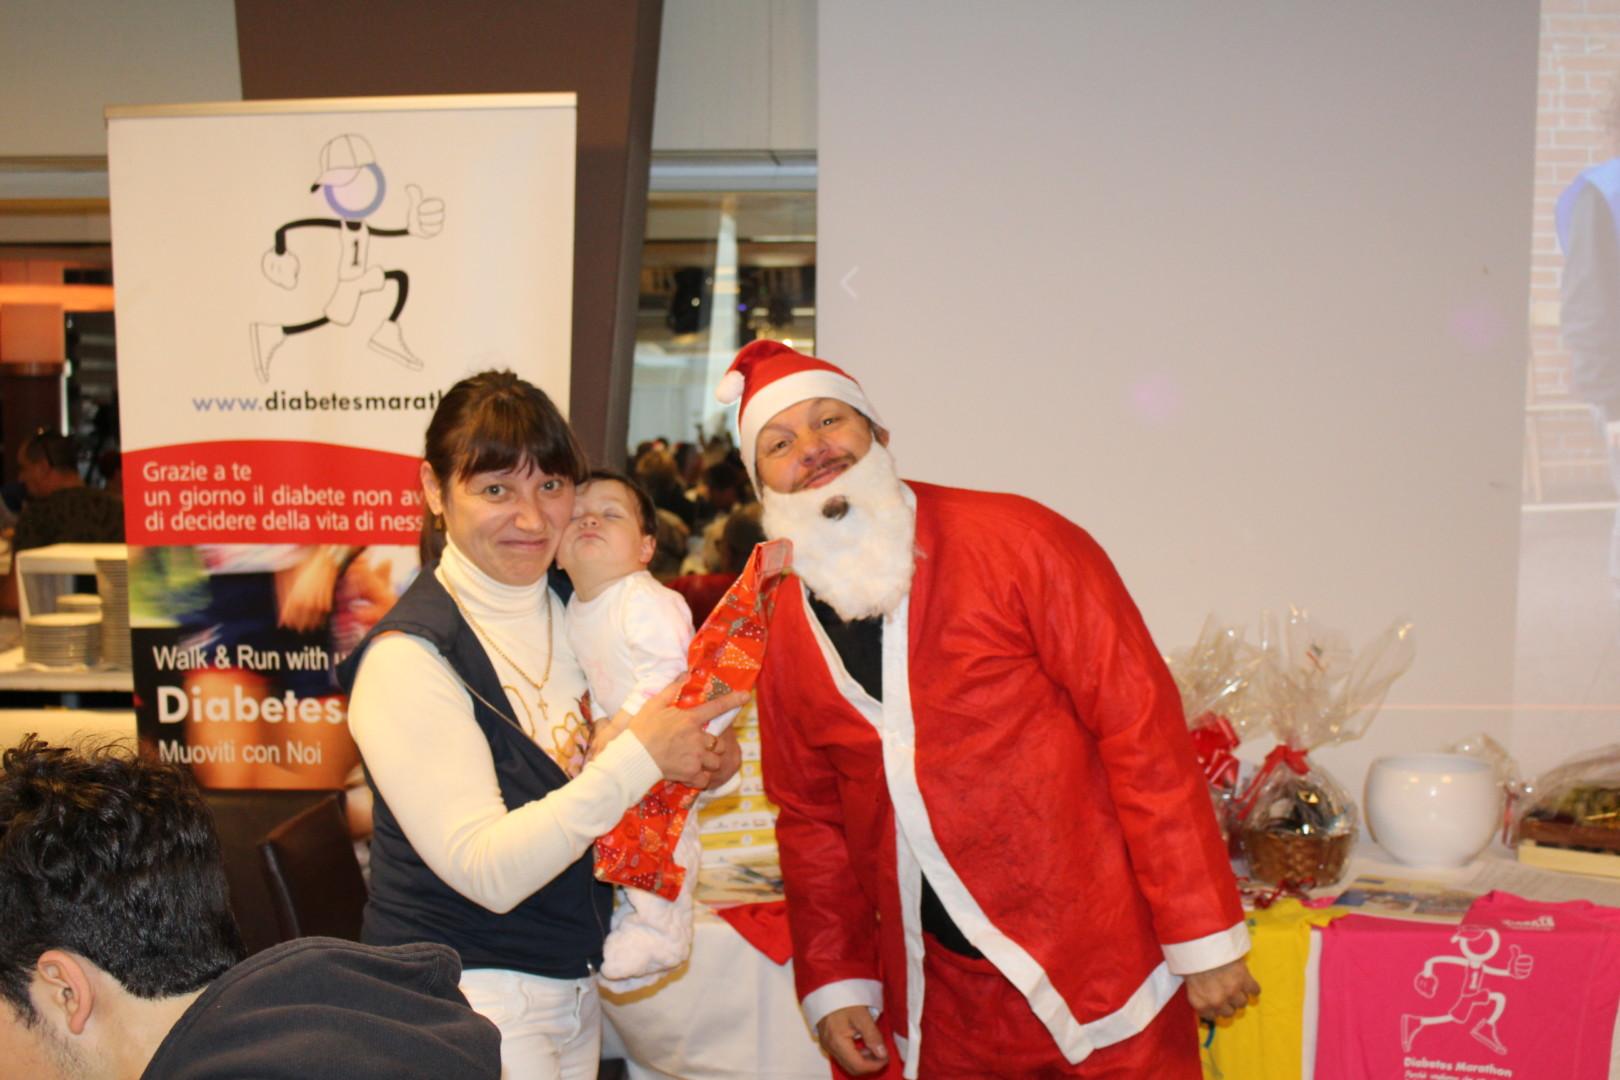 La Magia Di Babbo Natale Per I Bambini Presenti Al Tradizionale Pranzo Natalizio Di Diabete Romagna ONLUS